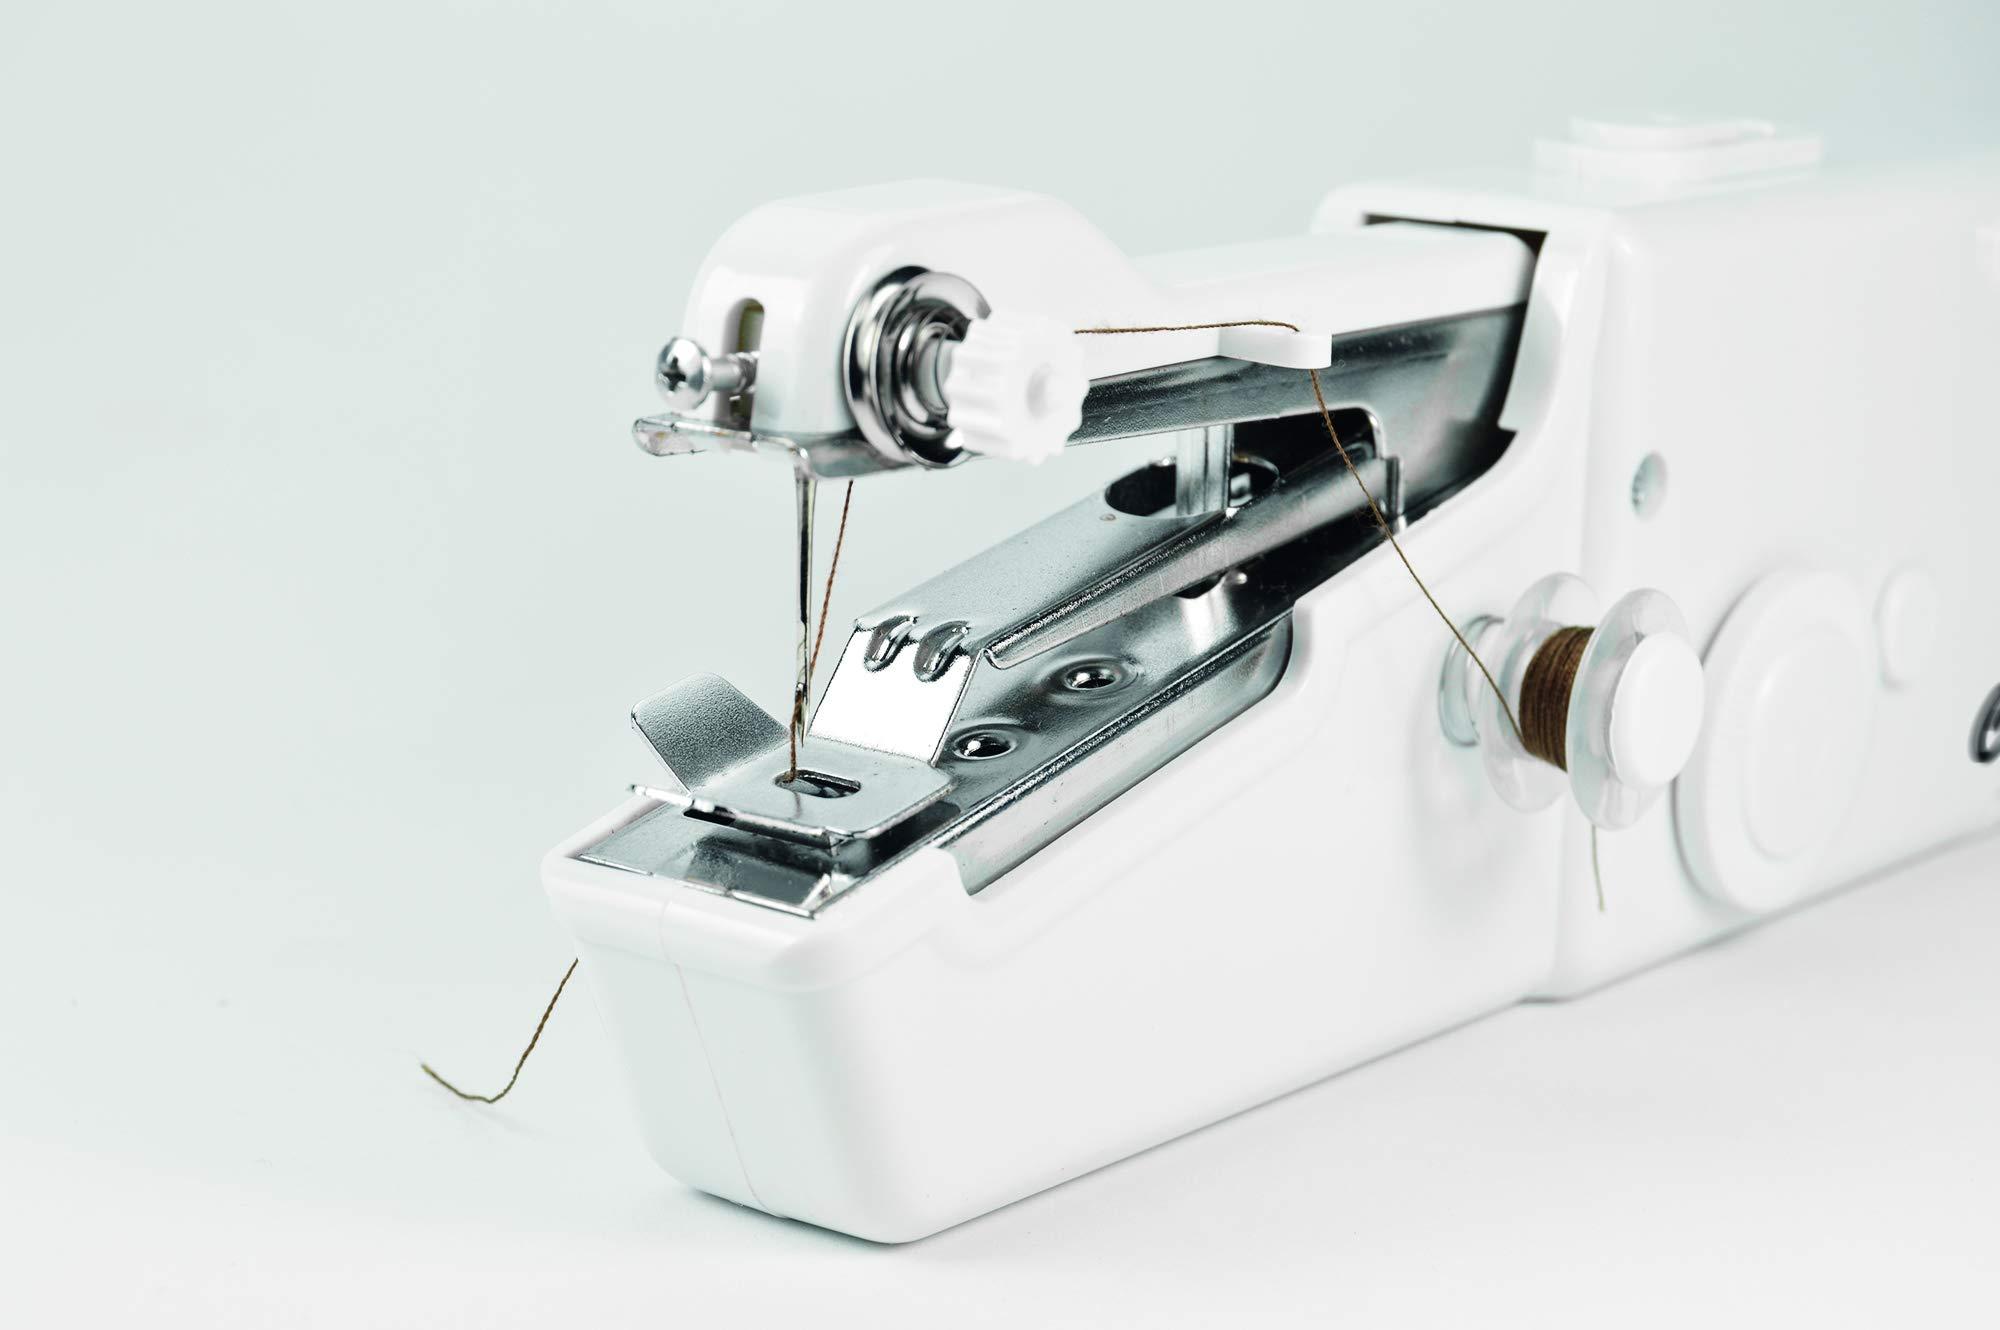 JOCCA Máquina de coser portátil de mano, Blanco, 2285: Amazon.es ...